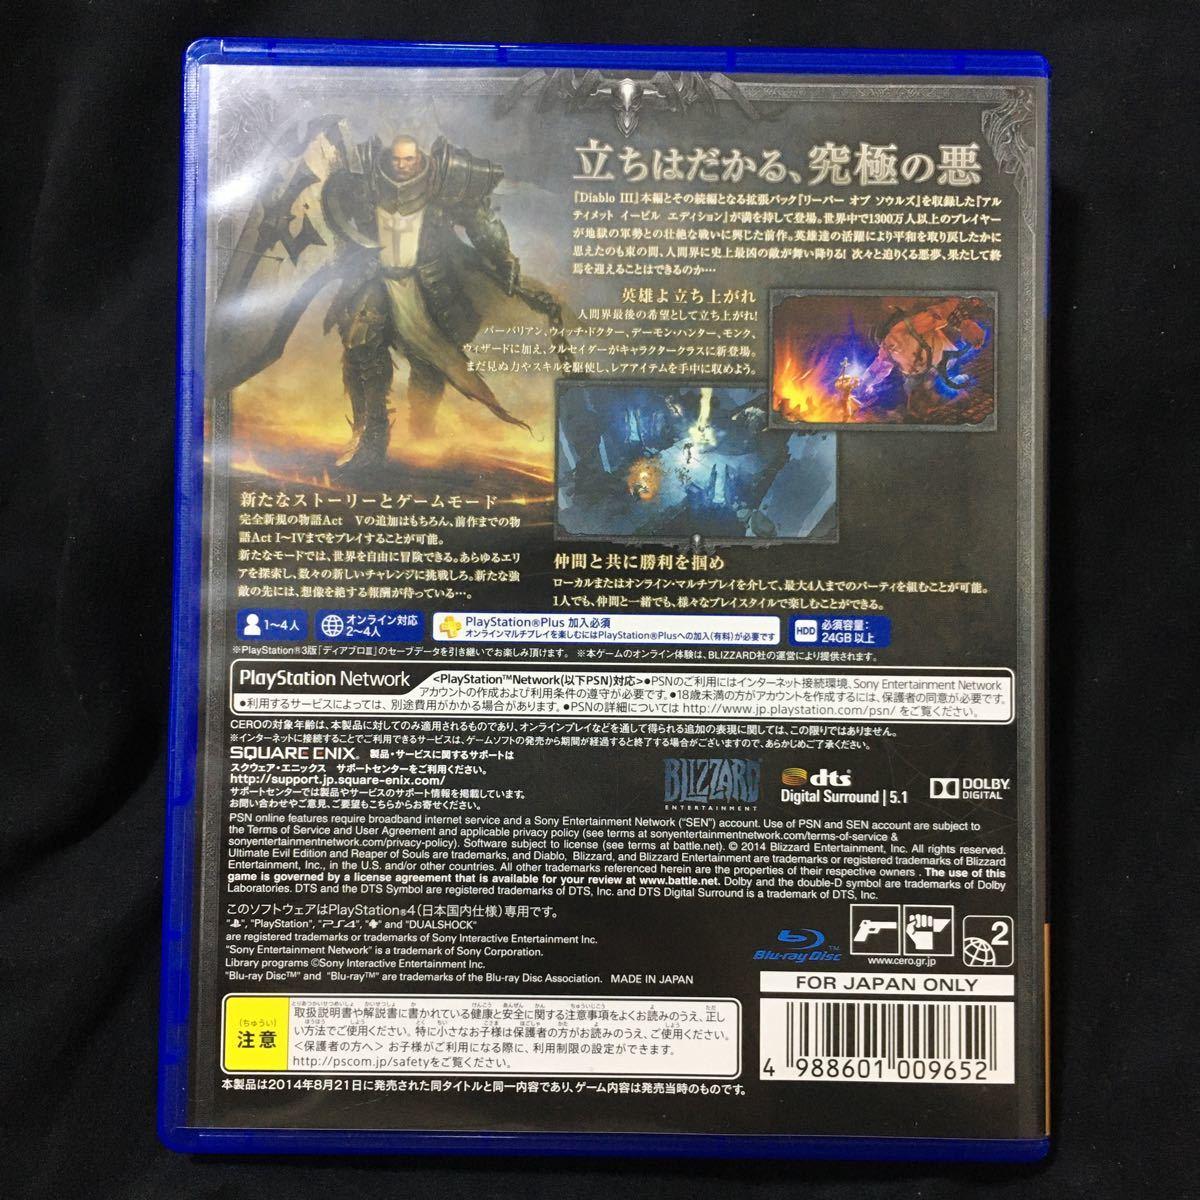 【PS4】 ディアブロ 3III リーパー オブ ソウルズ アルティメット イービル エディション [新価格版]送料無料、匿名配送